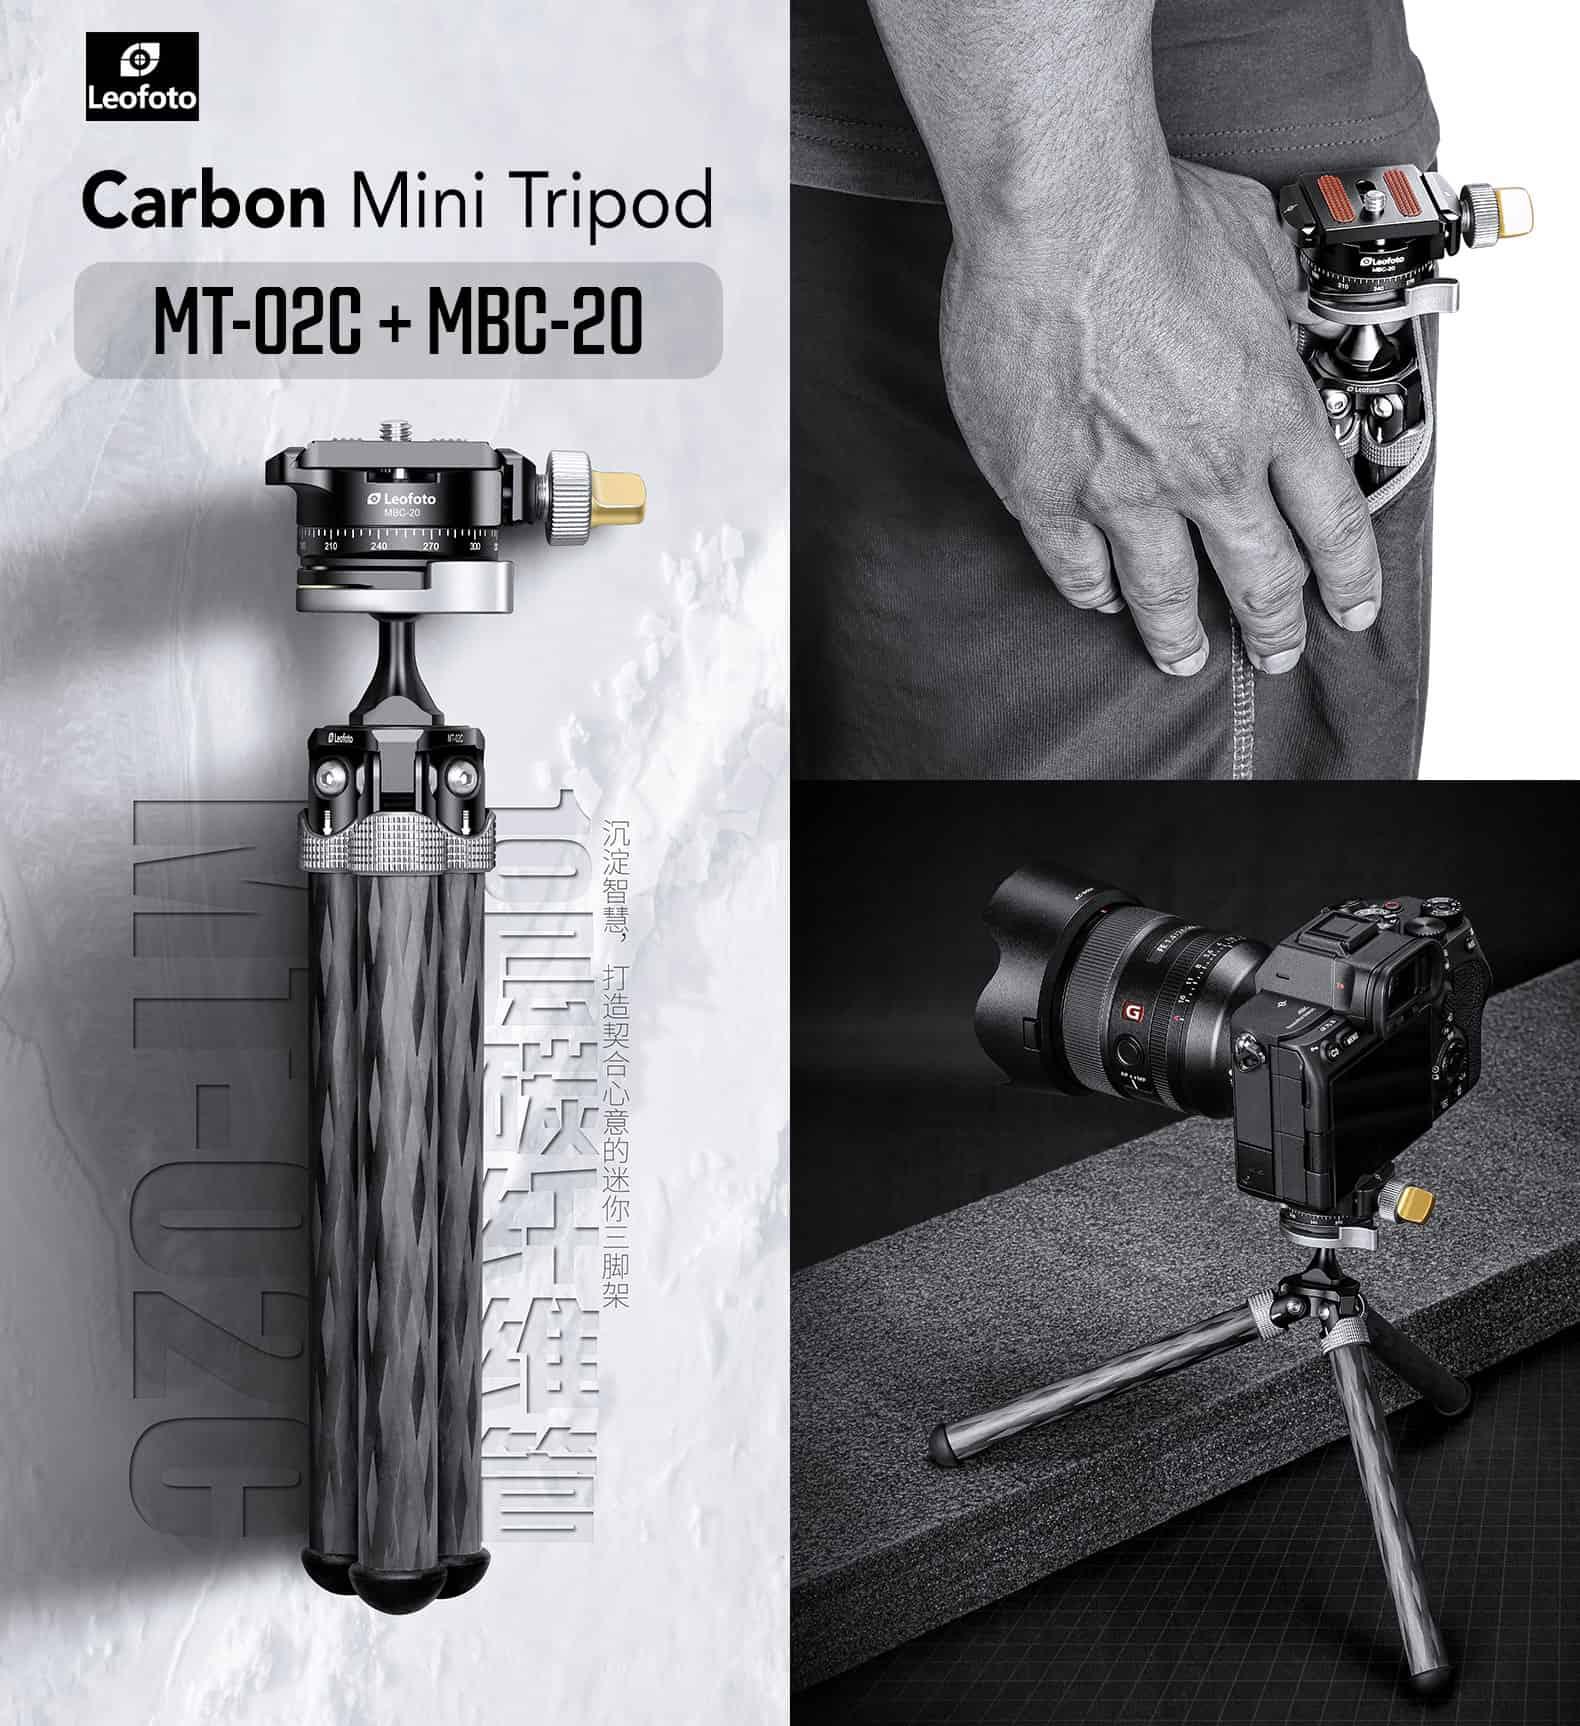 ขาตั้งกล้องคาร์บอนแบบตั้งโต๊ะ LeoFoto MT02C พร้อมหัวบอล MBC20 Carbon Tabletop Tripod